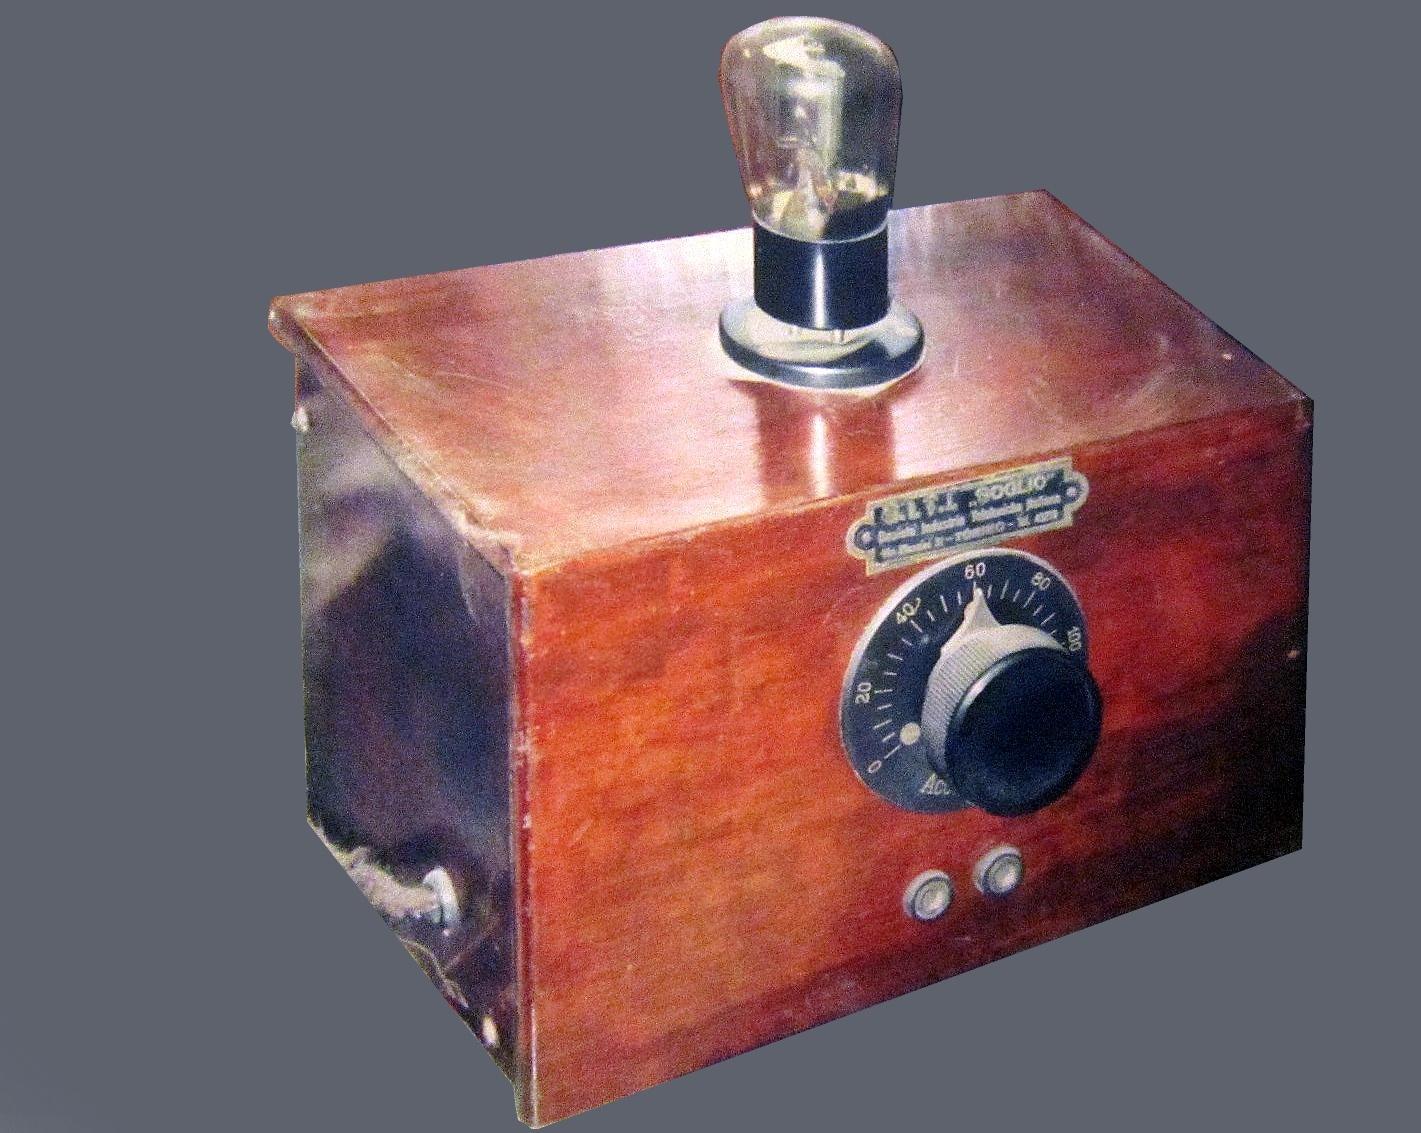 Radio anni 20 SITI A-1 amplificatore a 1 valvola